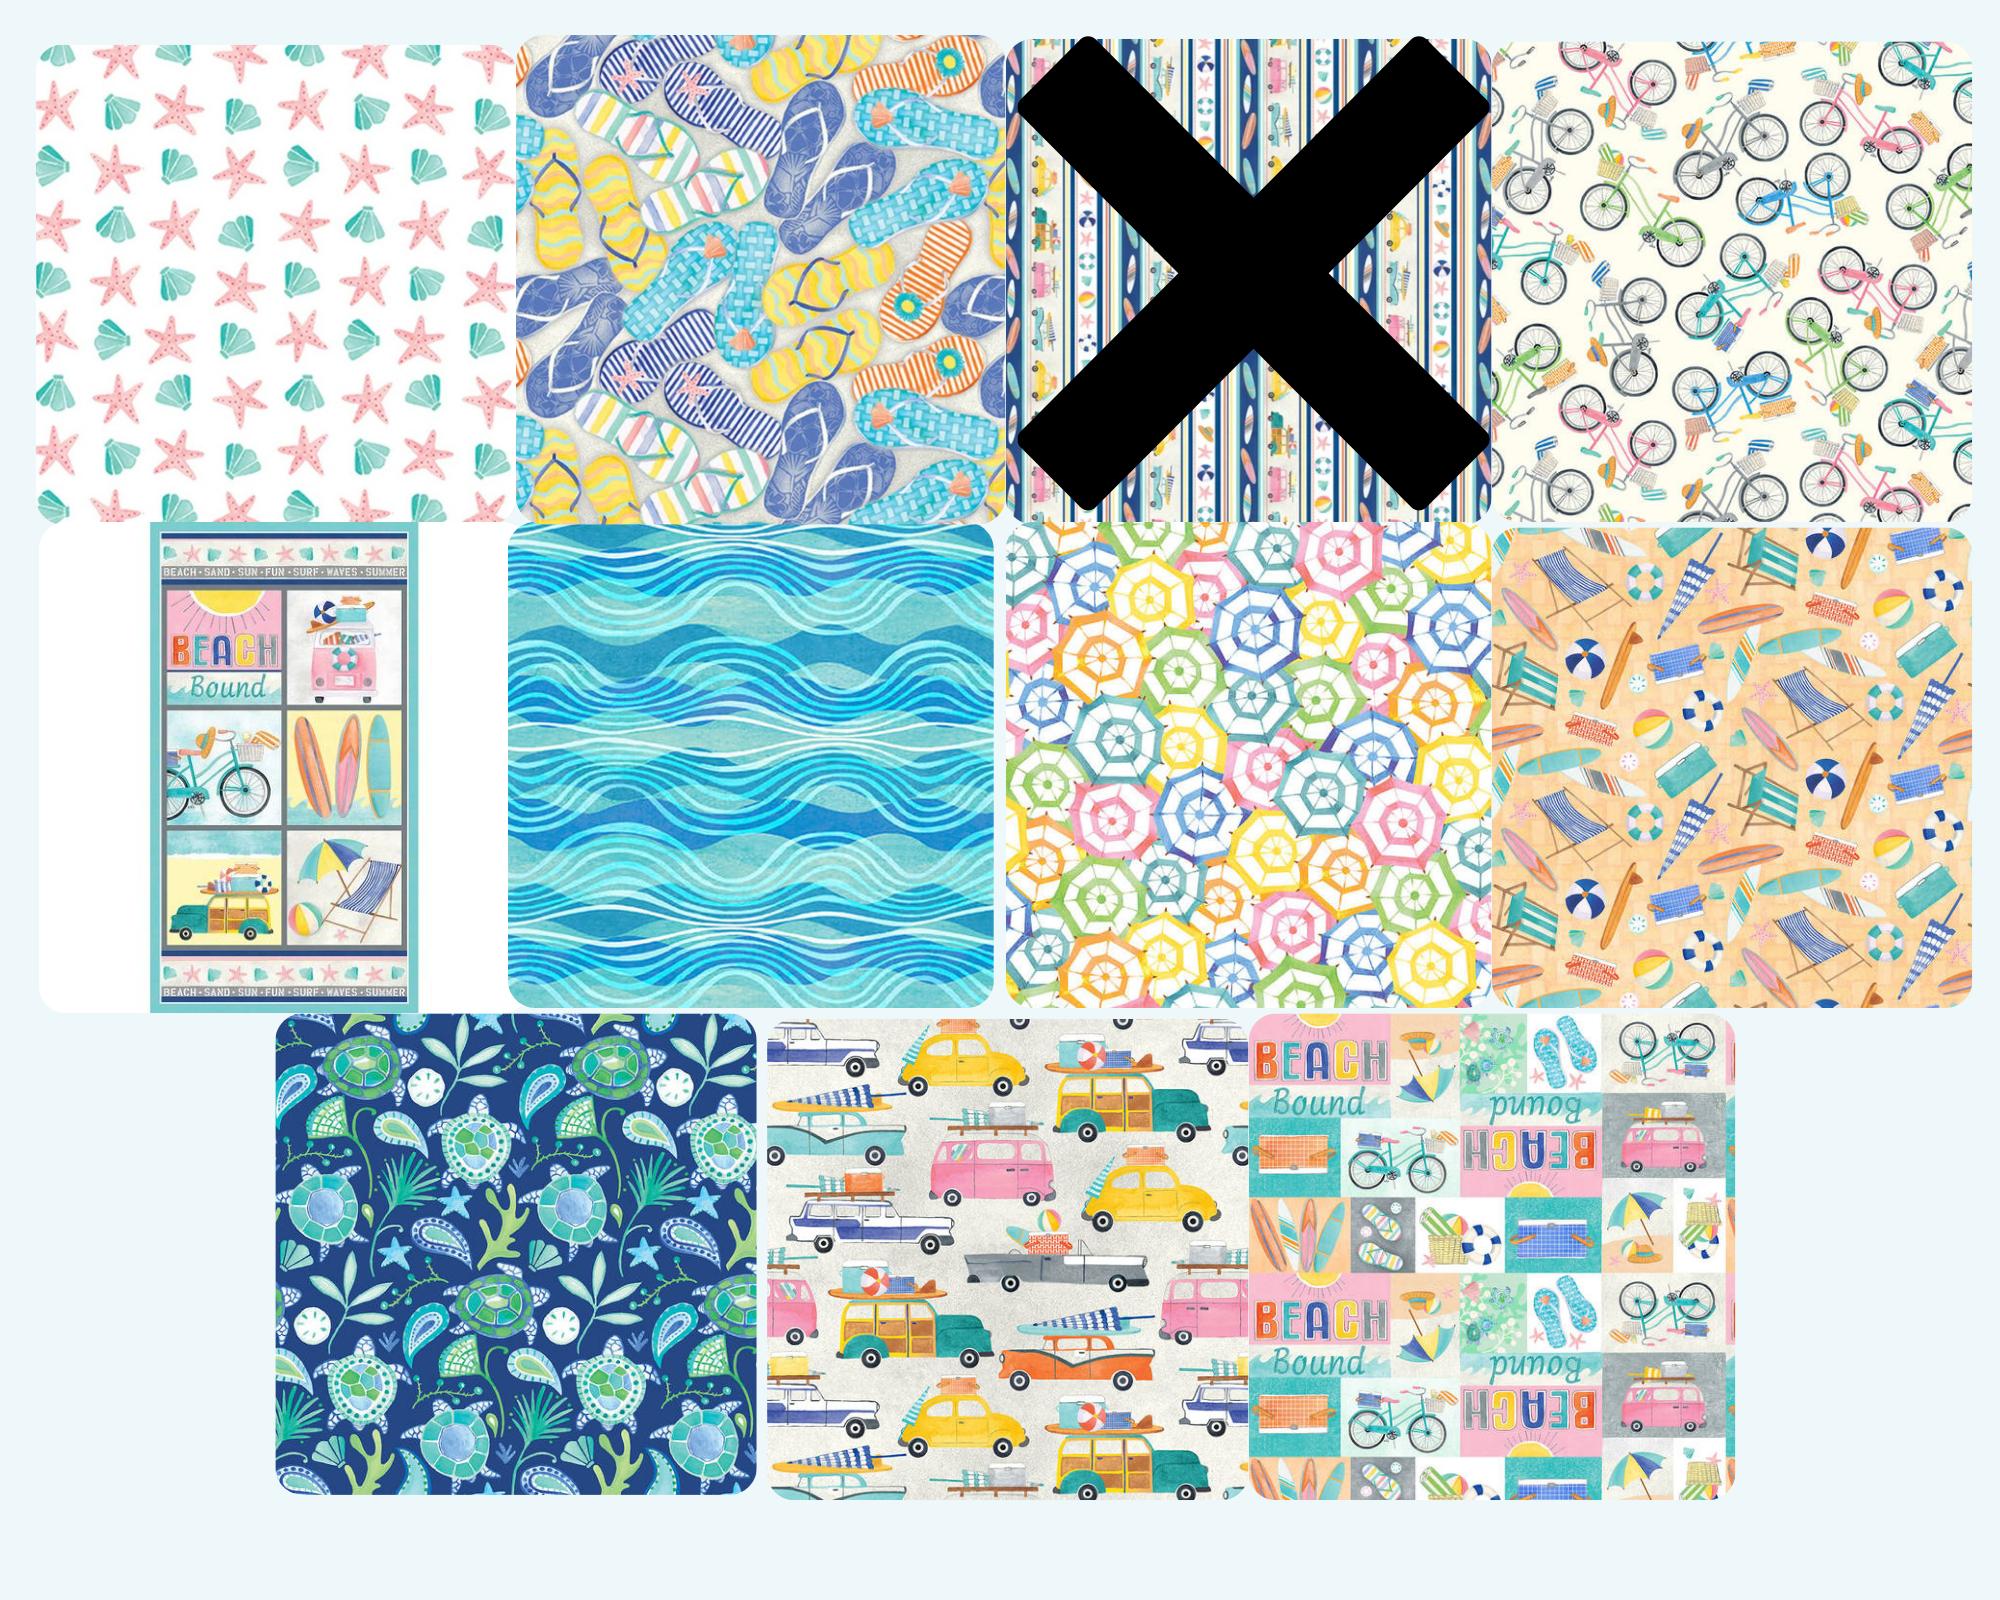 Beach Bound - Fat Quarter Bundle 10pc/bundle - By Color Pop Studios For Blank Quilting